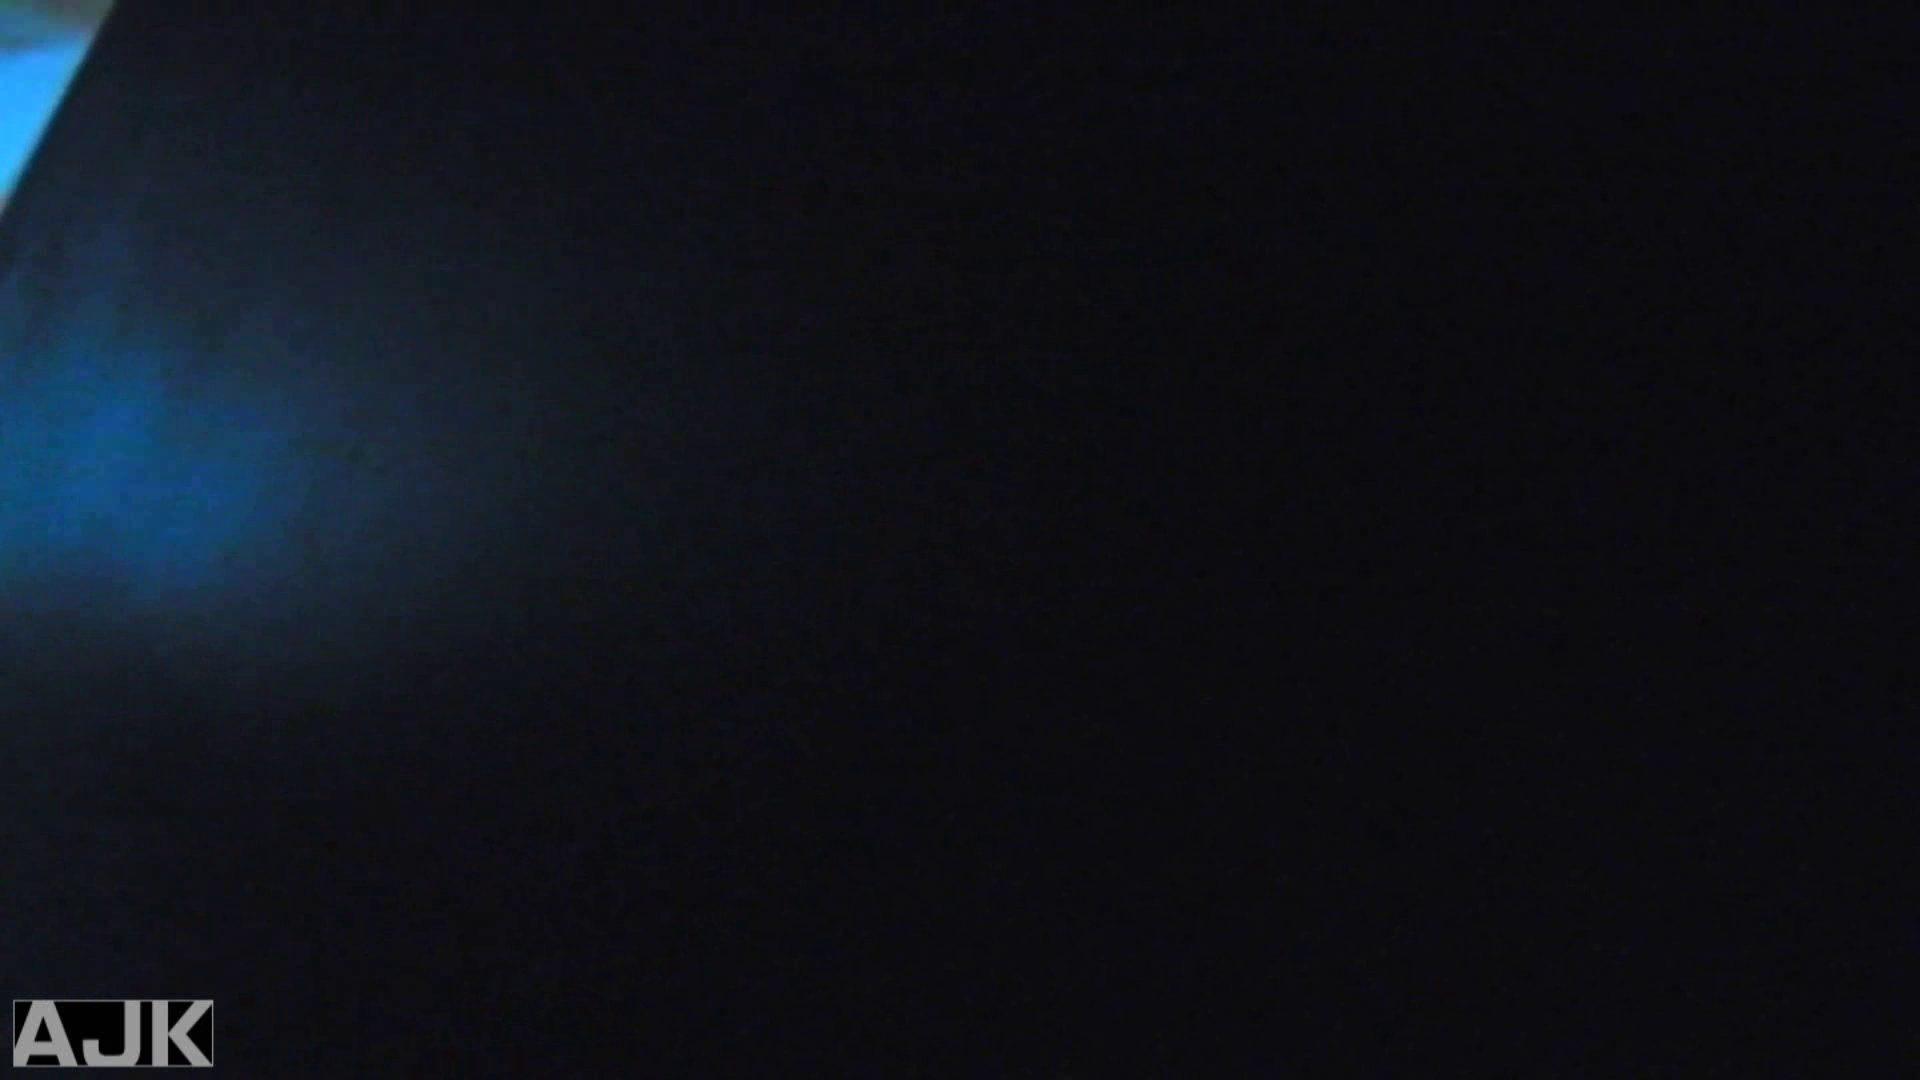 神降臨!史上最強の潜入かわや! vol.24 潜入シリーズ | オマンコ  97pic 62